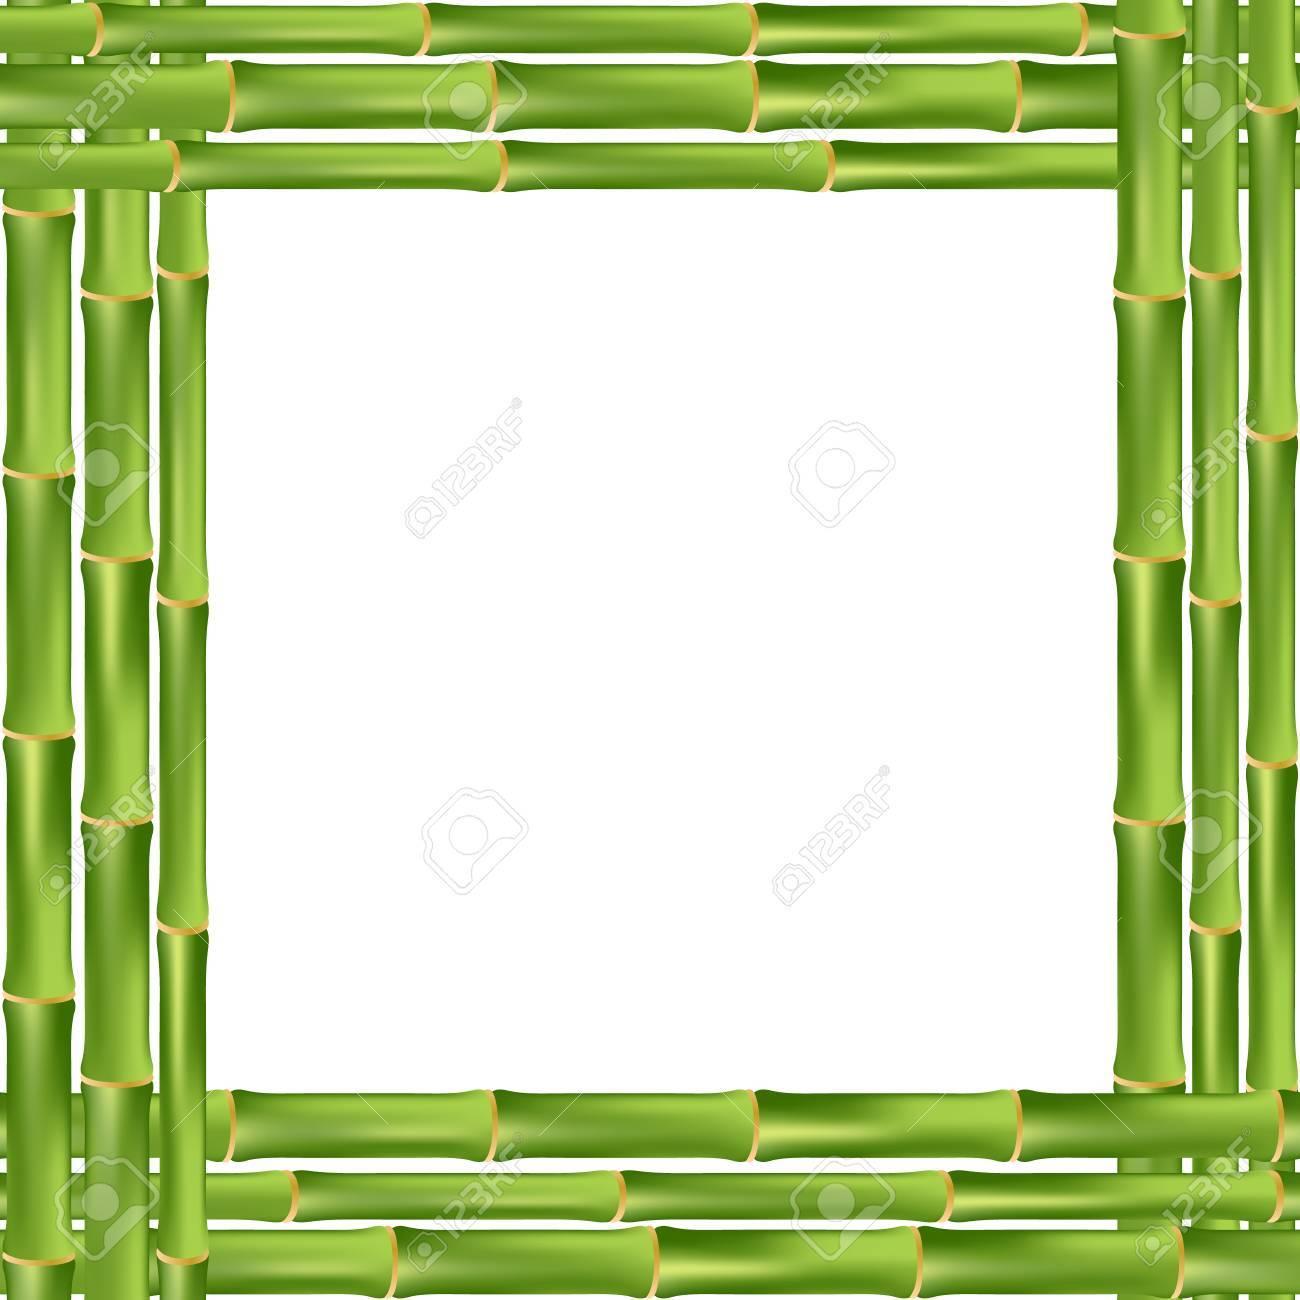 Bambus-Rahmen Auf Einem Weißen Hintergrund. Vektor-Illustration ...